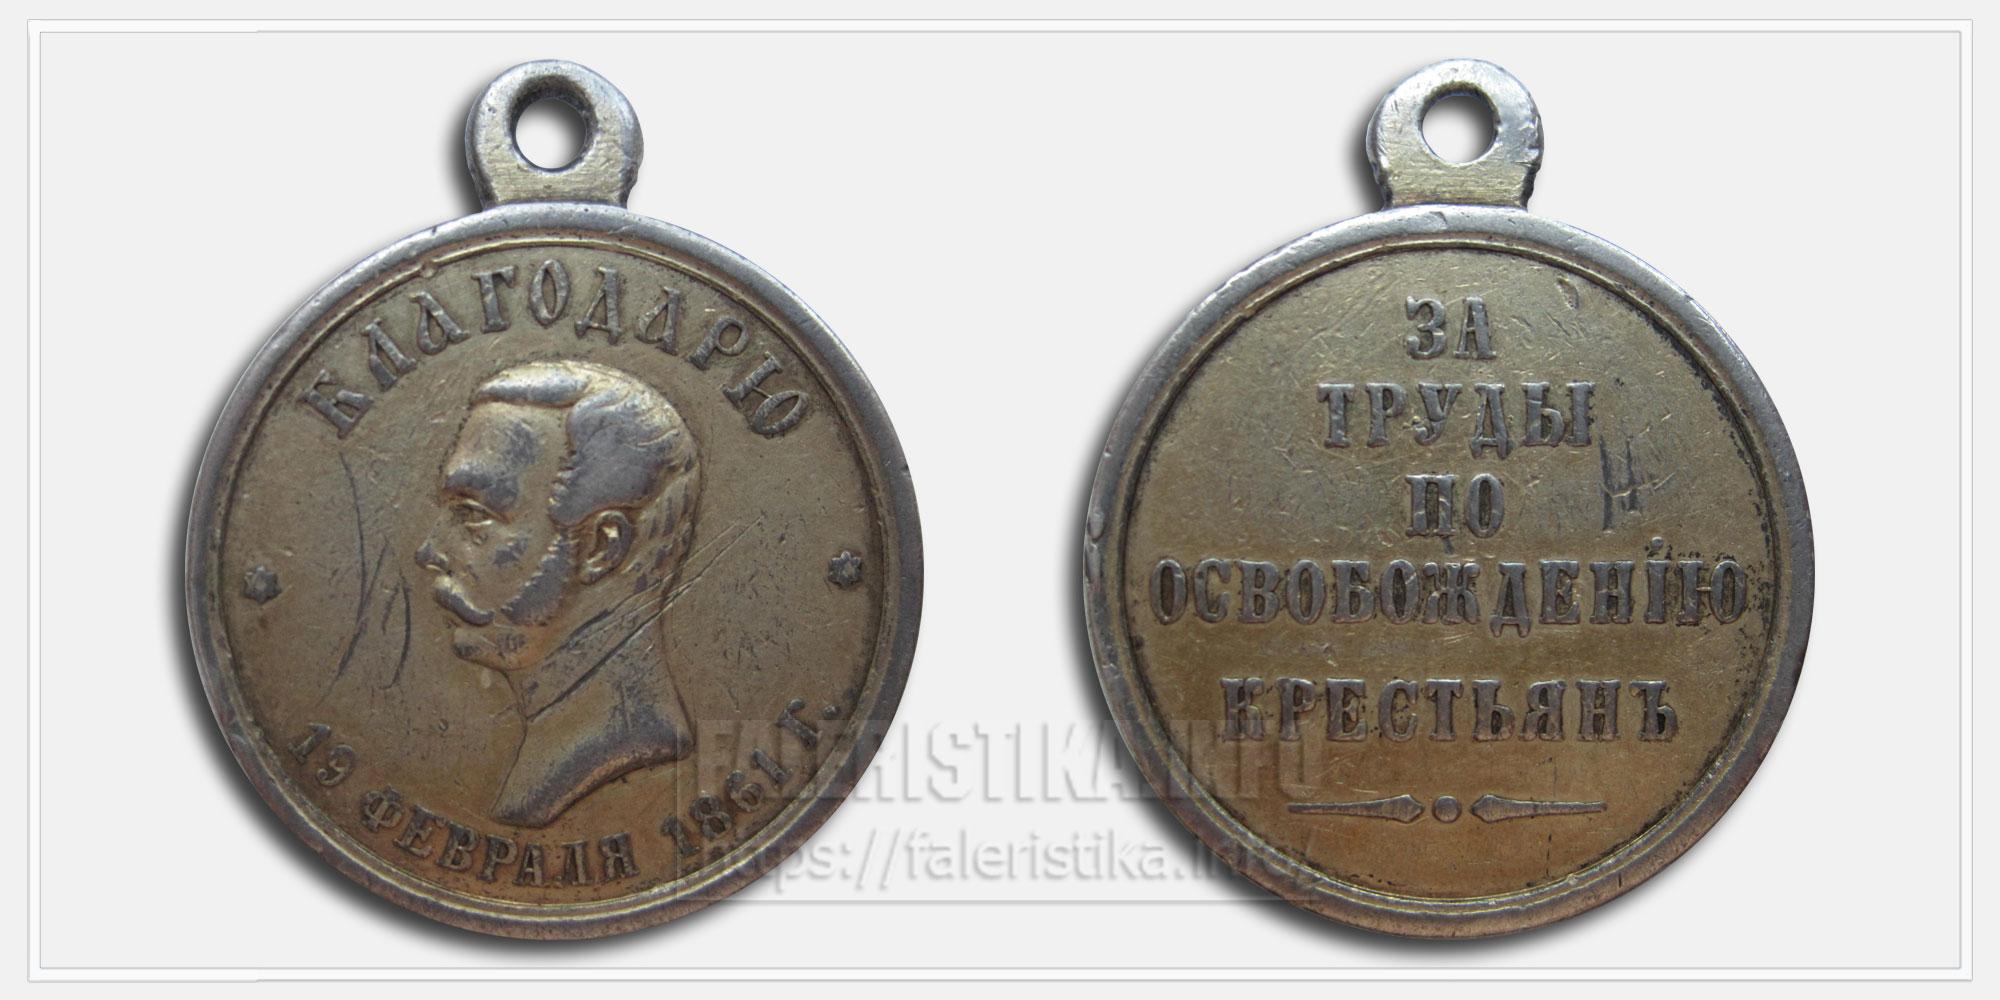 """Медаль """"Благодарю 19 февраля 1861"""""""